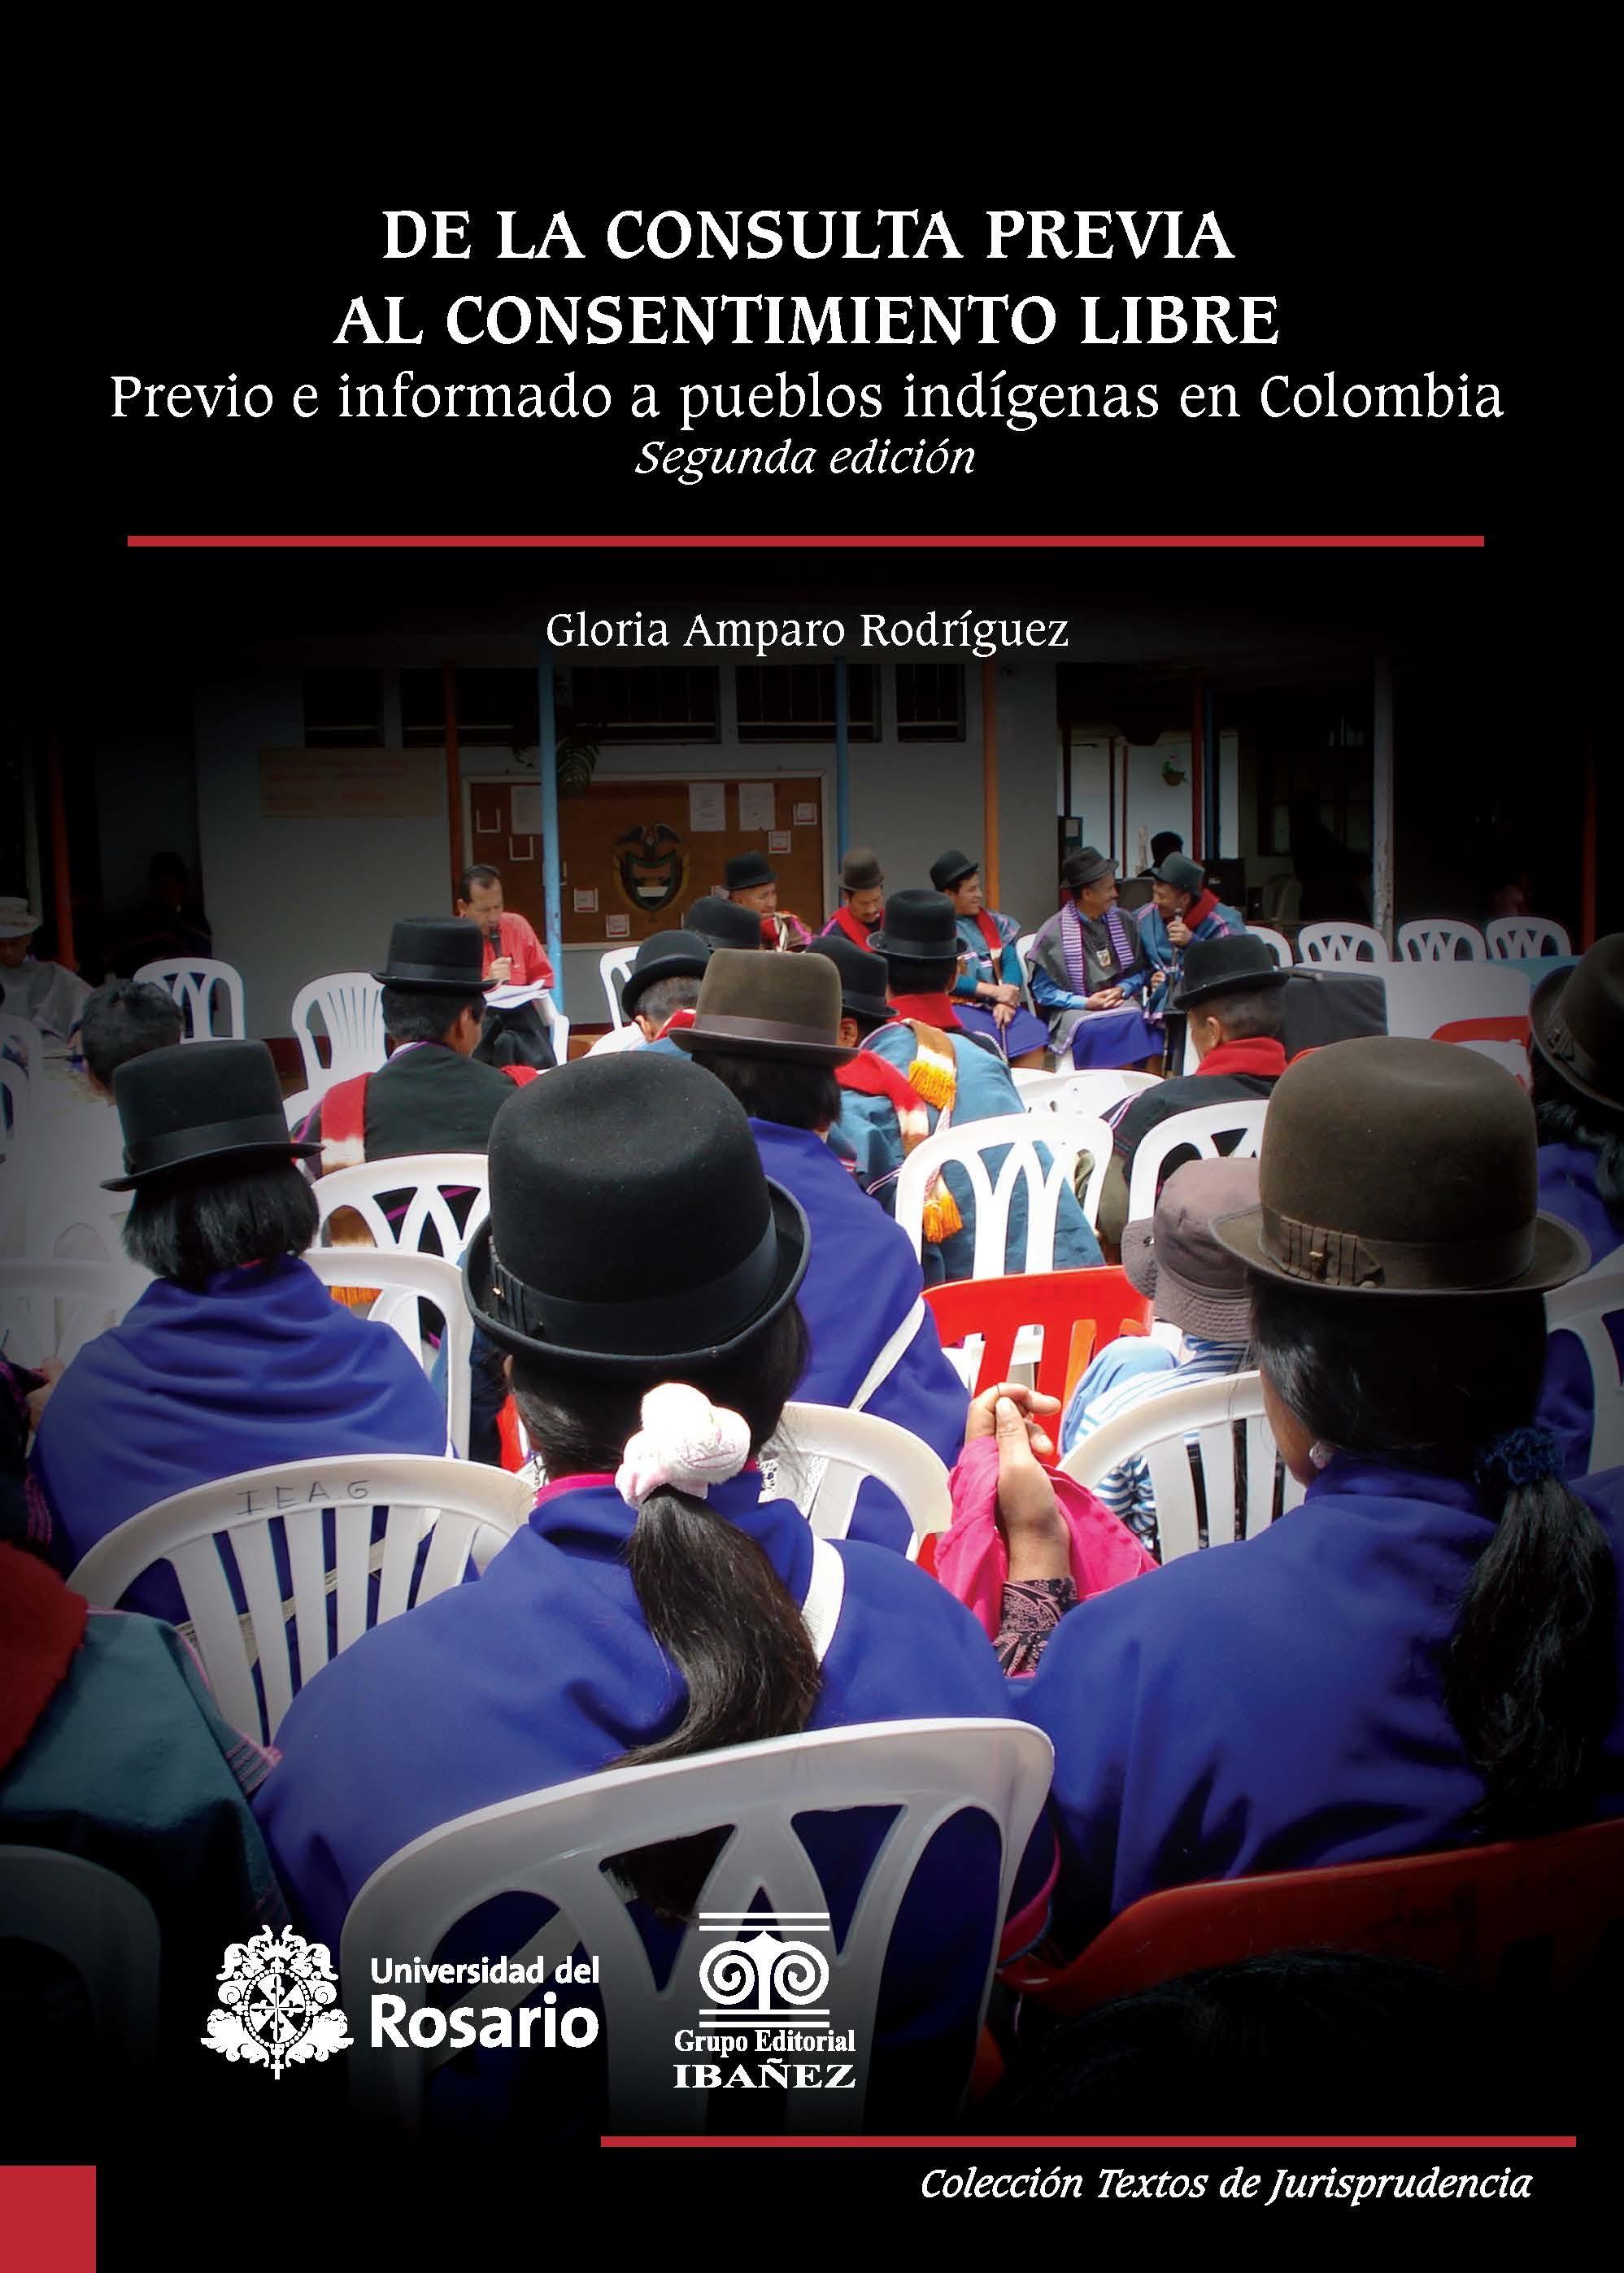 De la consulta previa al consentimiento libre, previo e informado a pueblos indígenas en Colombia